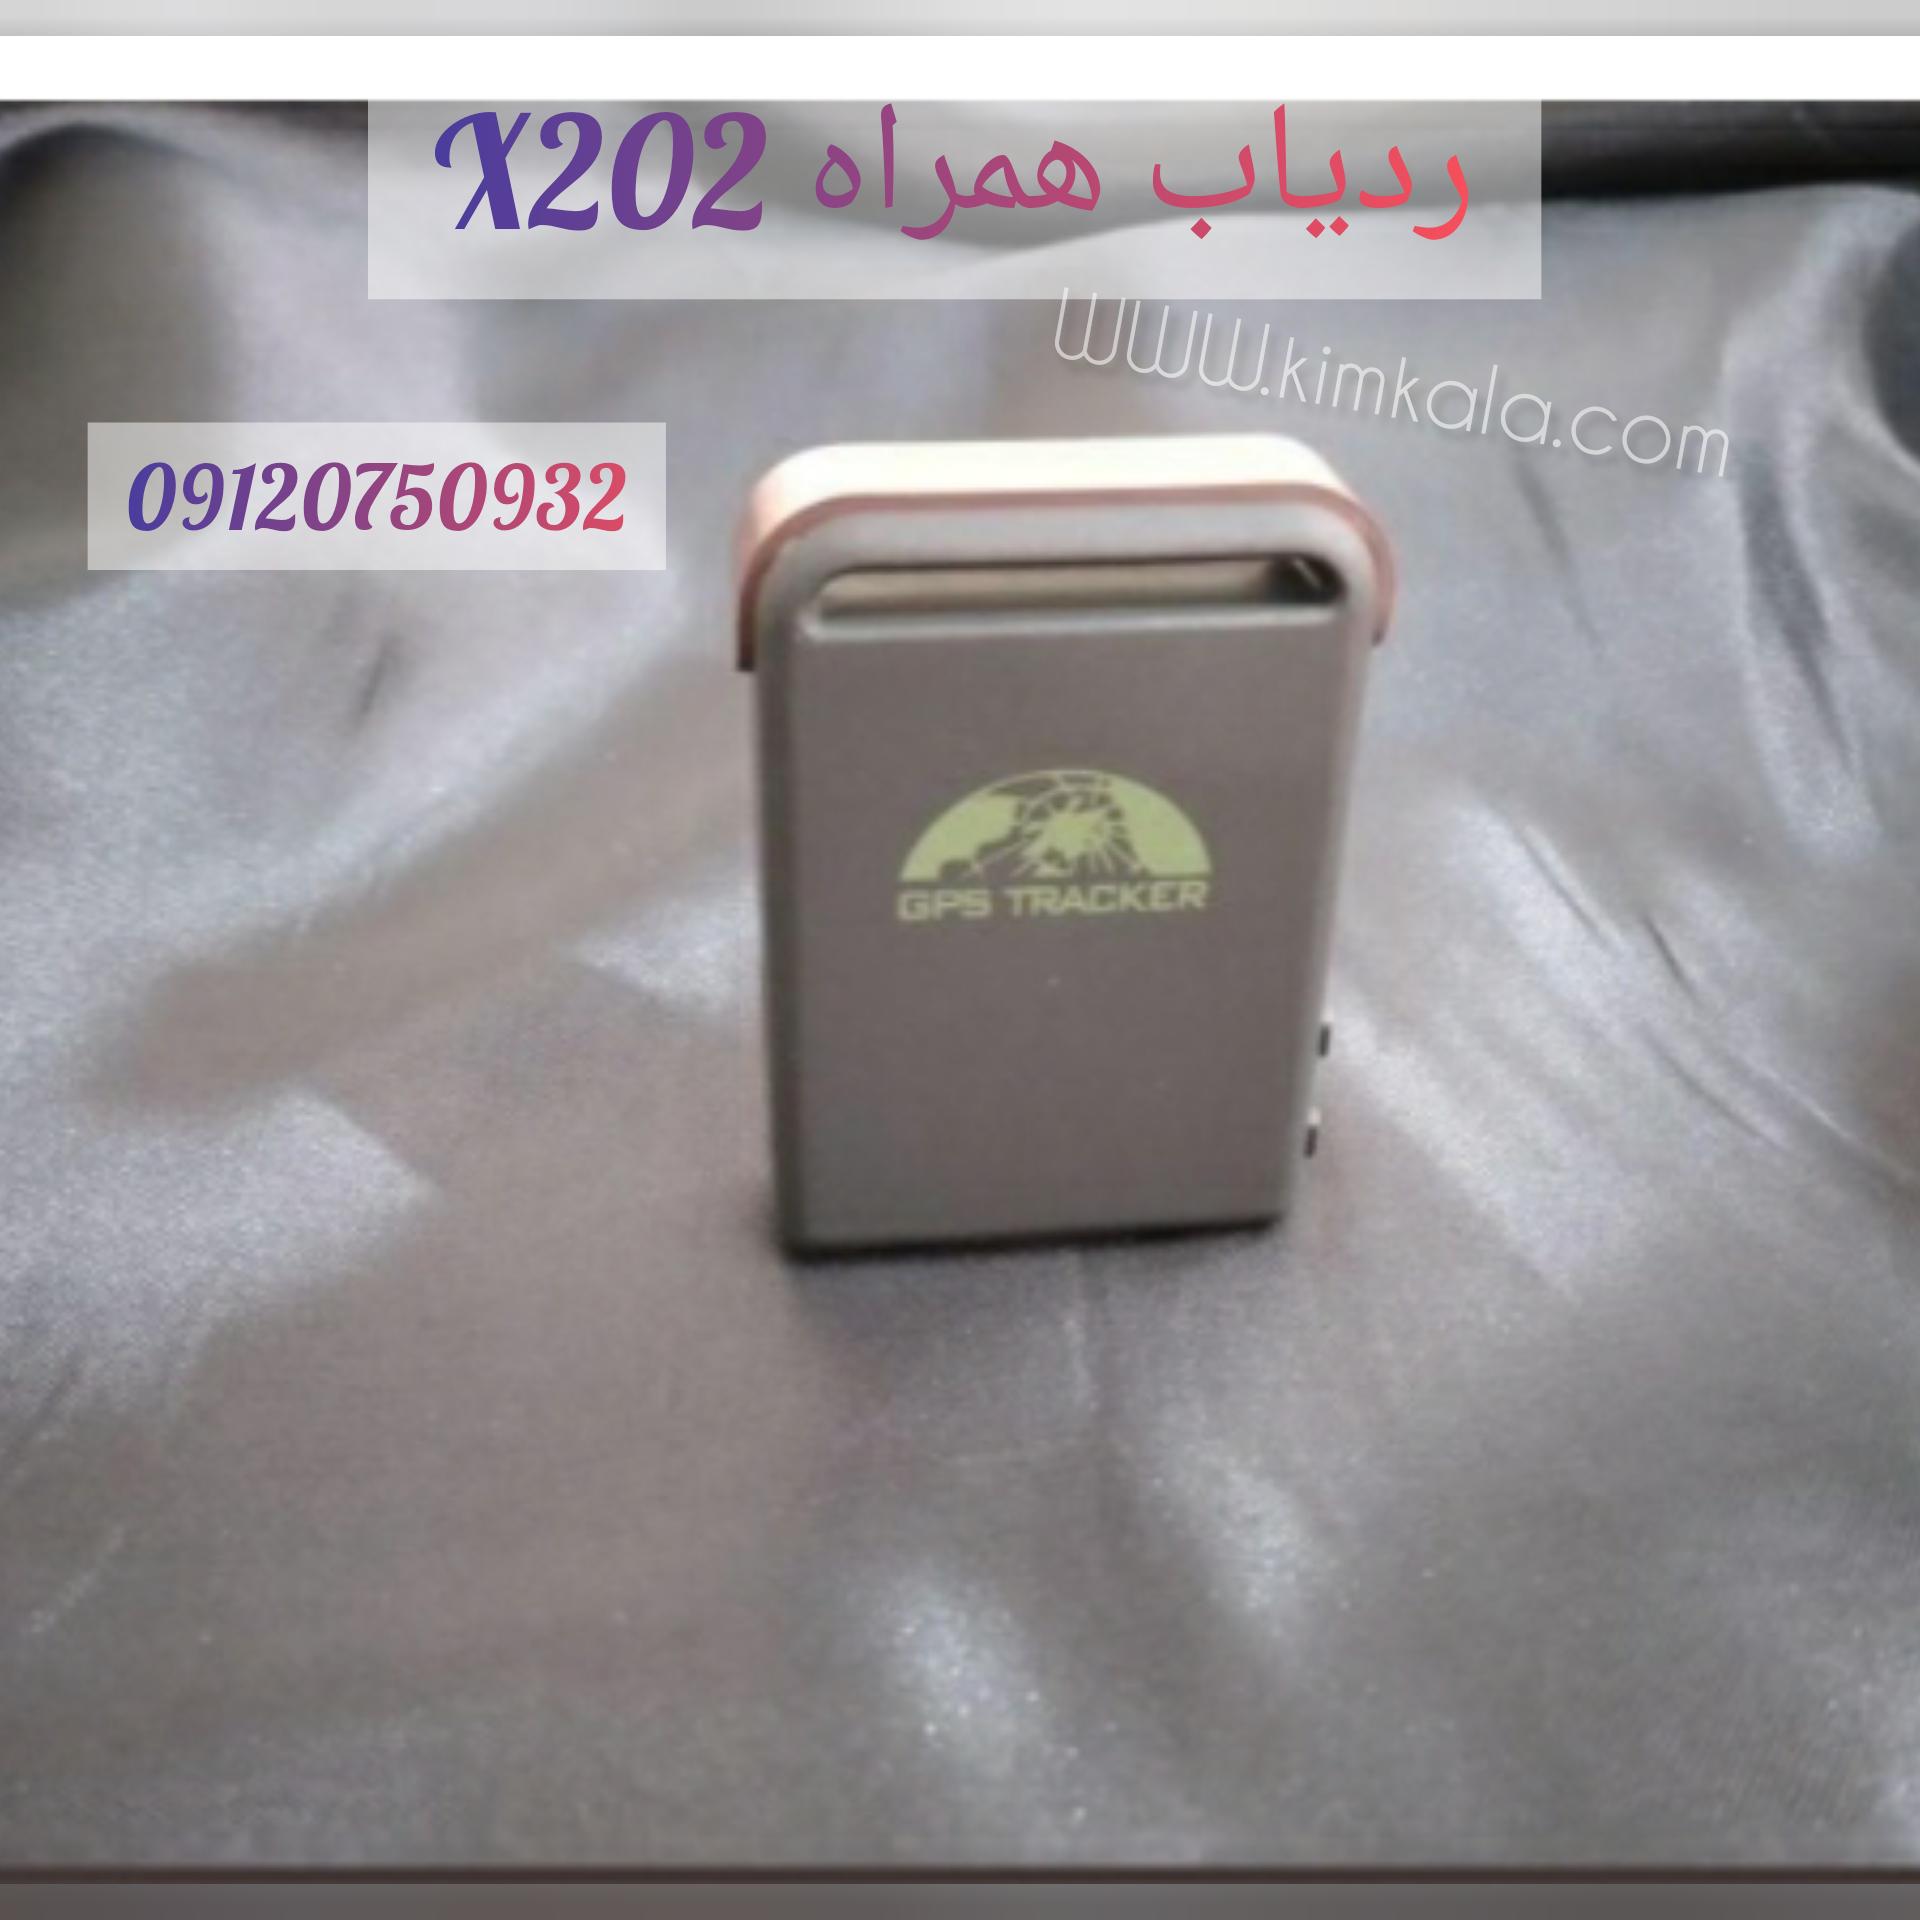 ردیاب همراه وشخصیX202/قیمت ردیاب /09120750932